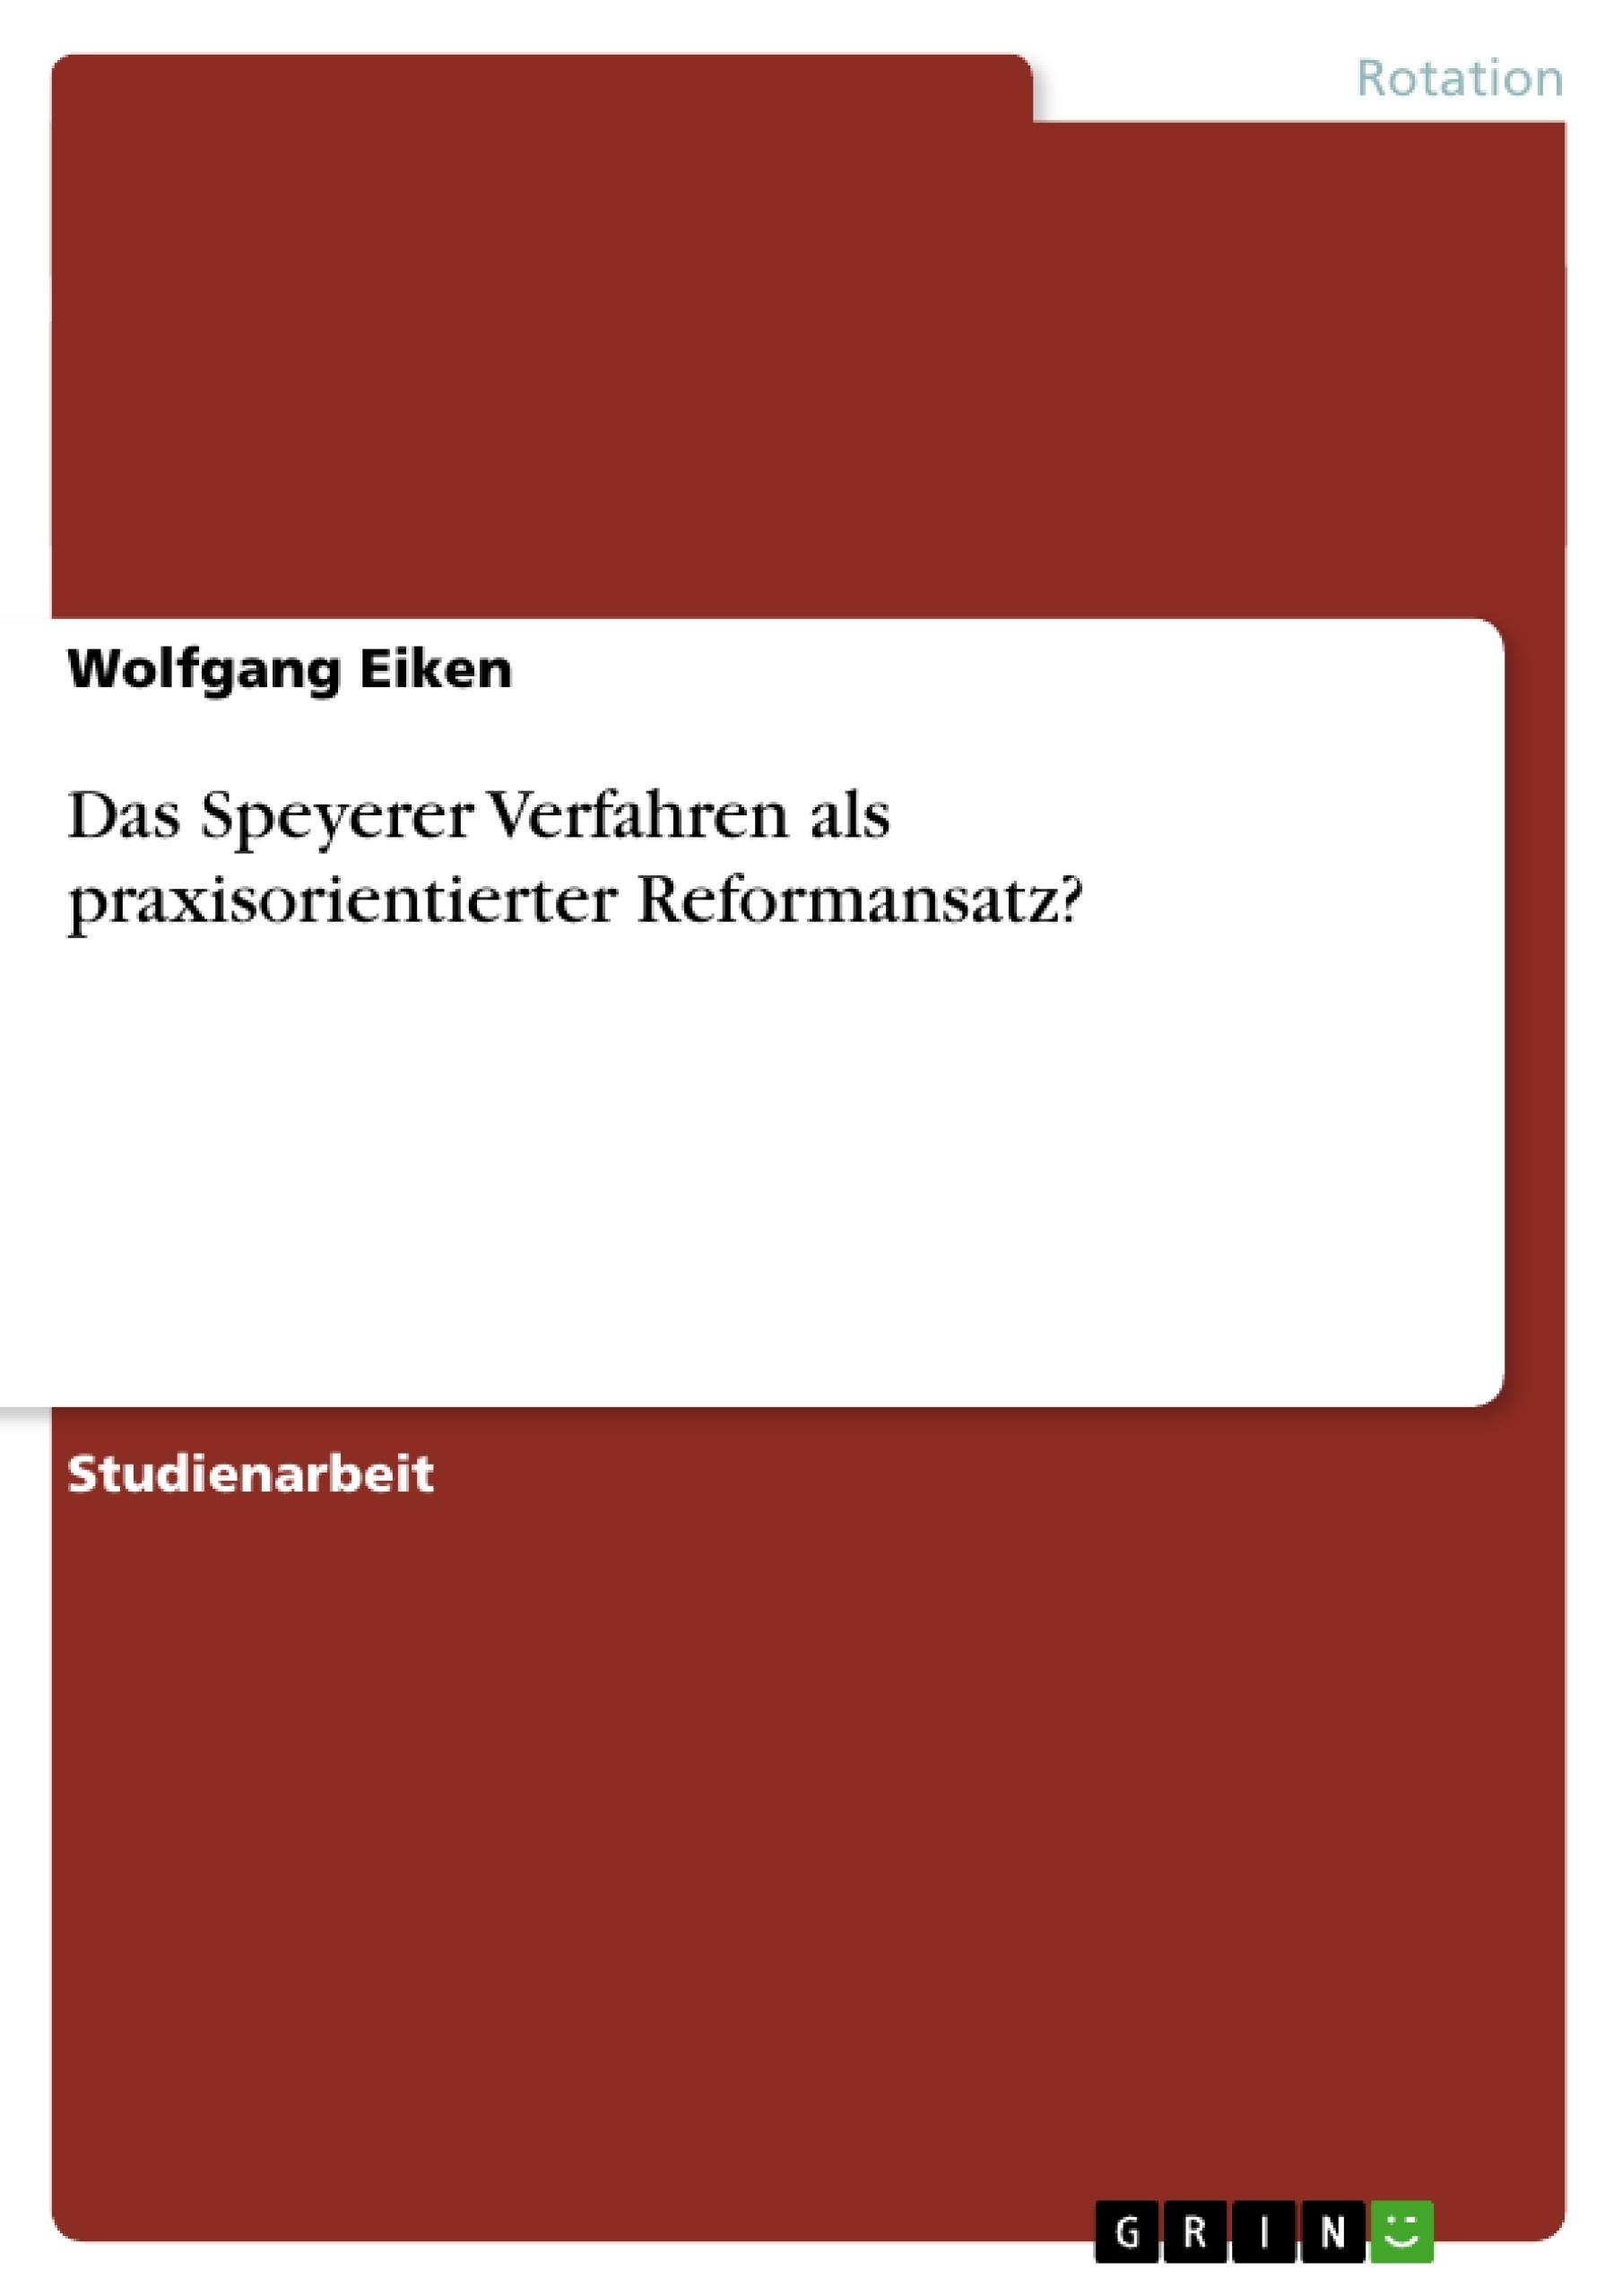 Titel: Das Speyerer Verfahren als praxisorientierter Reformansatz?